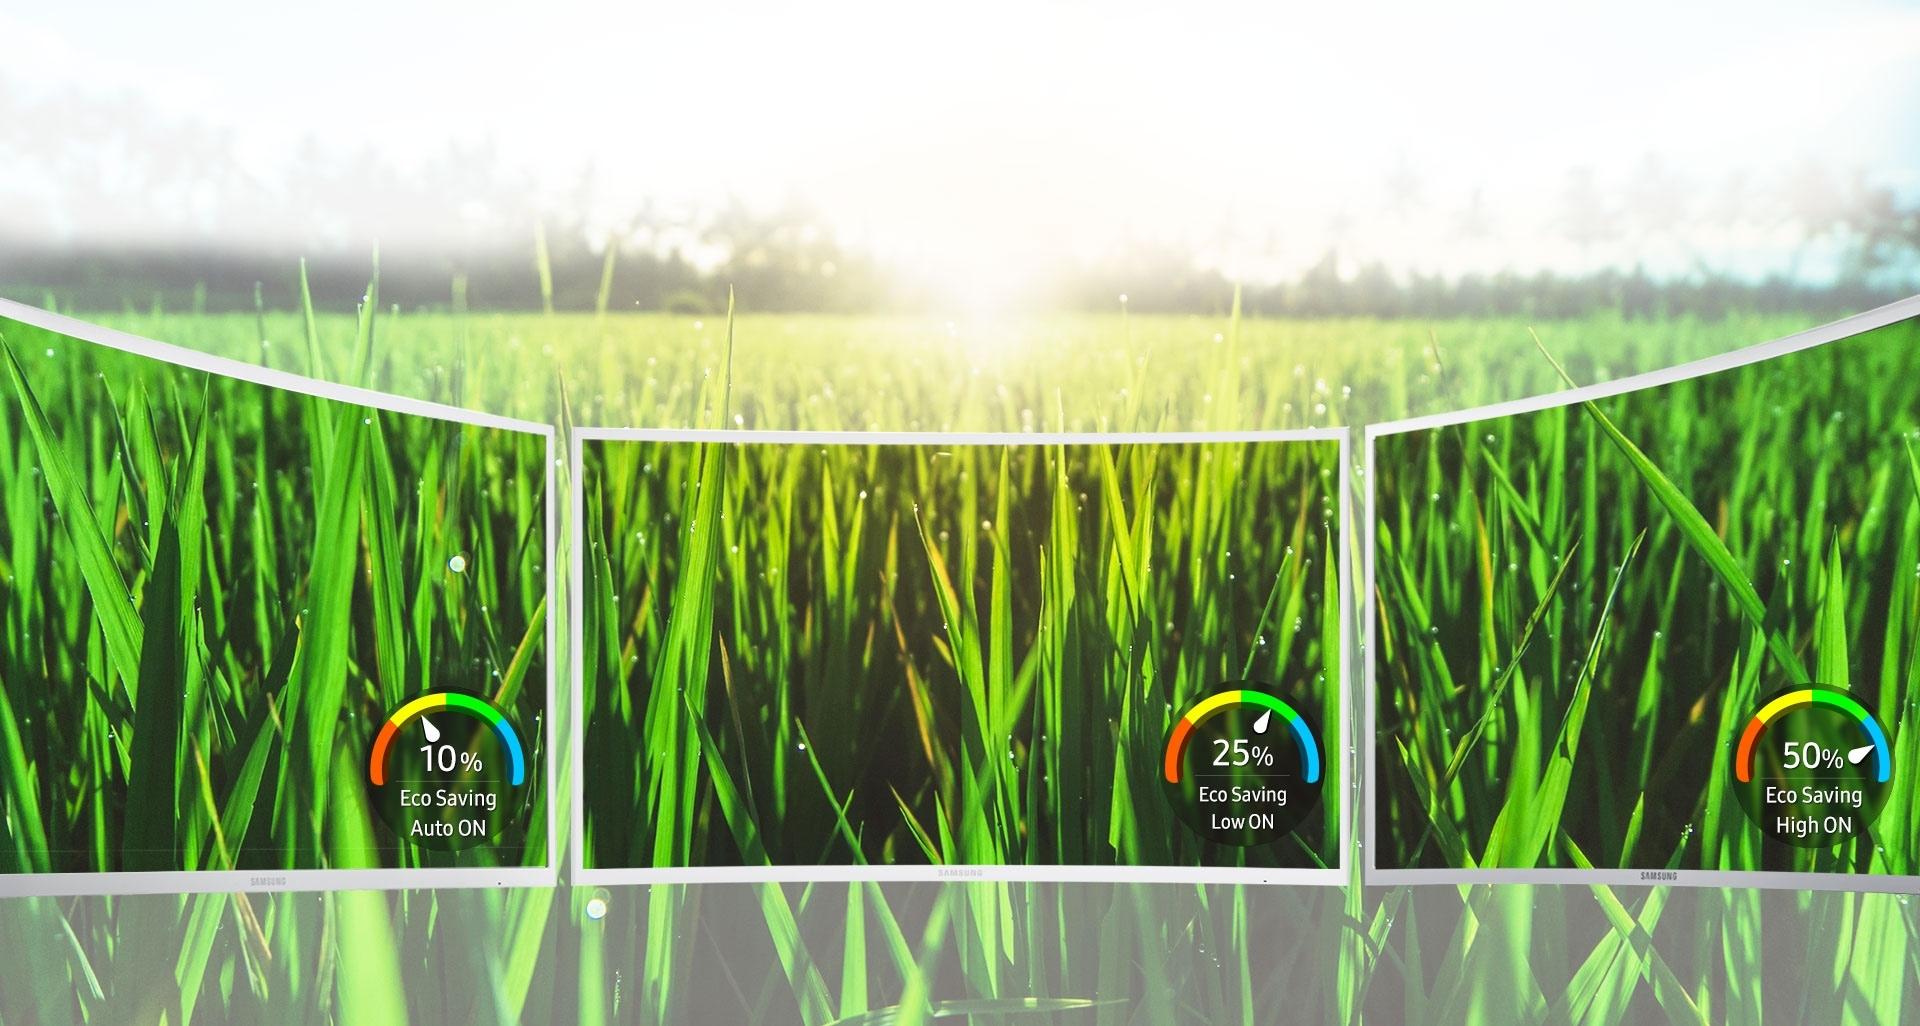 Экологичная технология от Samsung сокращает потребление энергии и влияние на окружающую среду